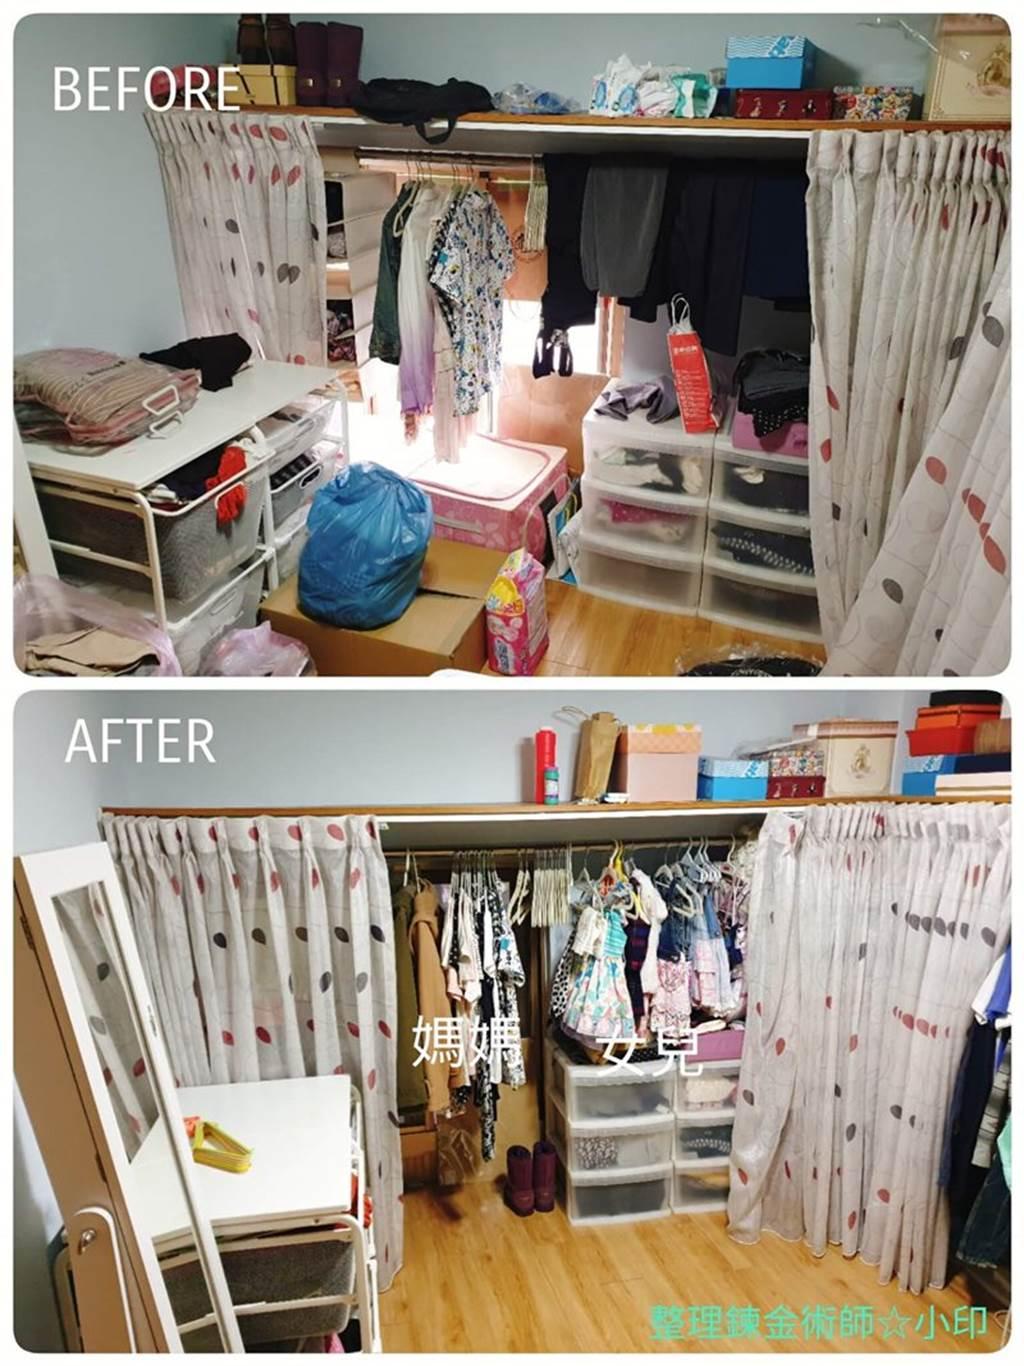 衣服集中後多了更多空間可以使用。(圖片提供/小印)